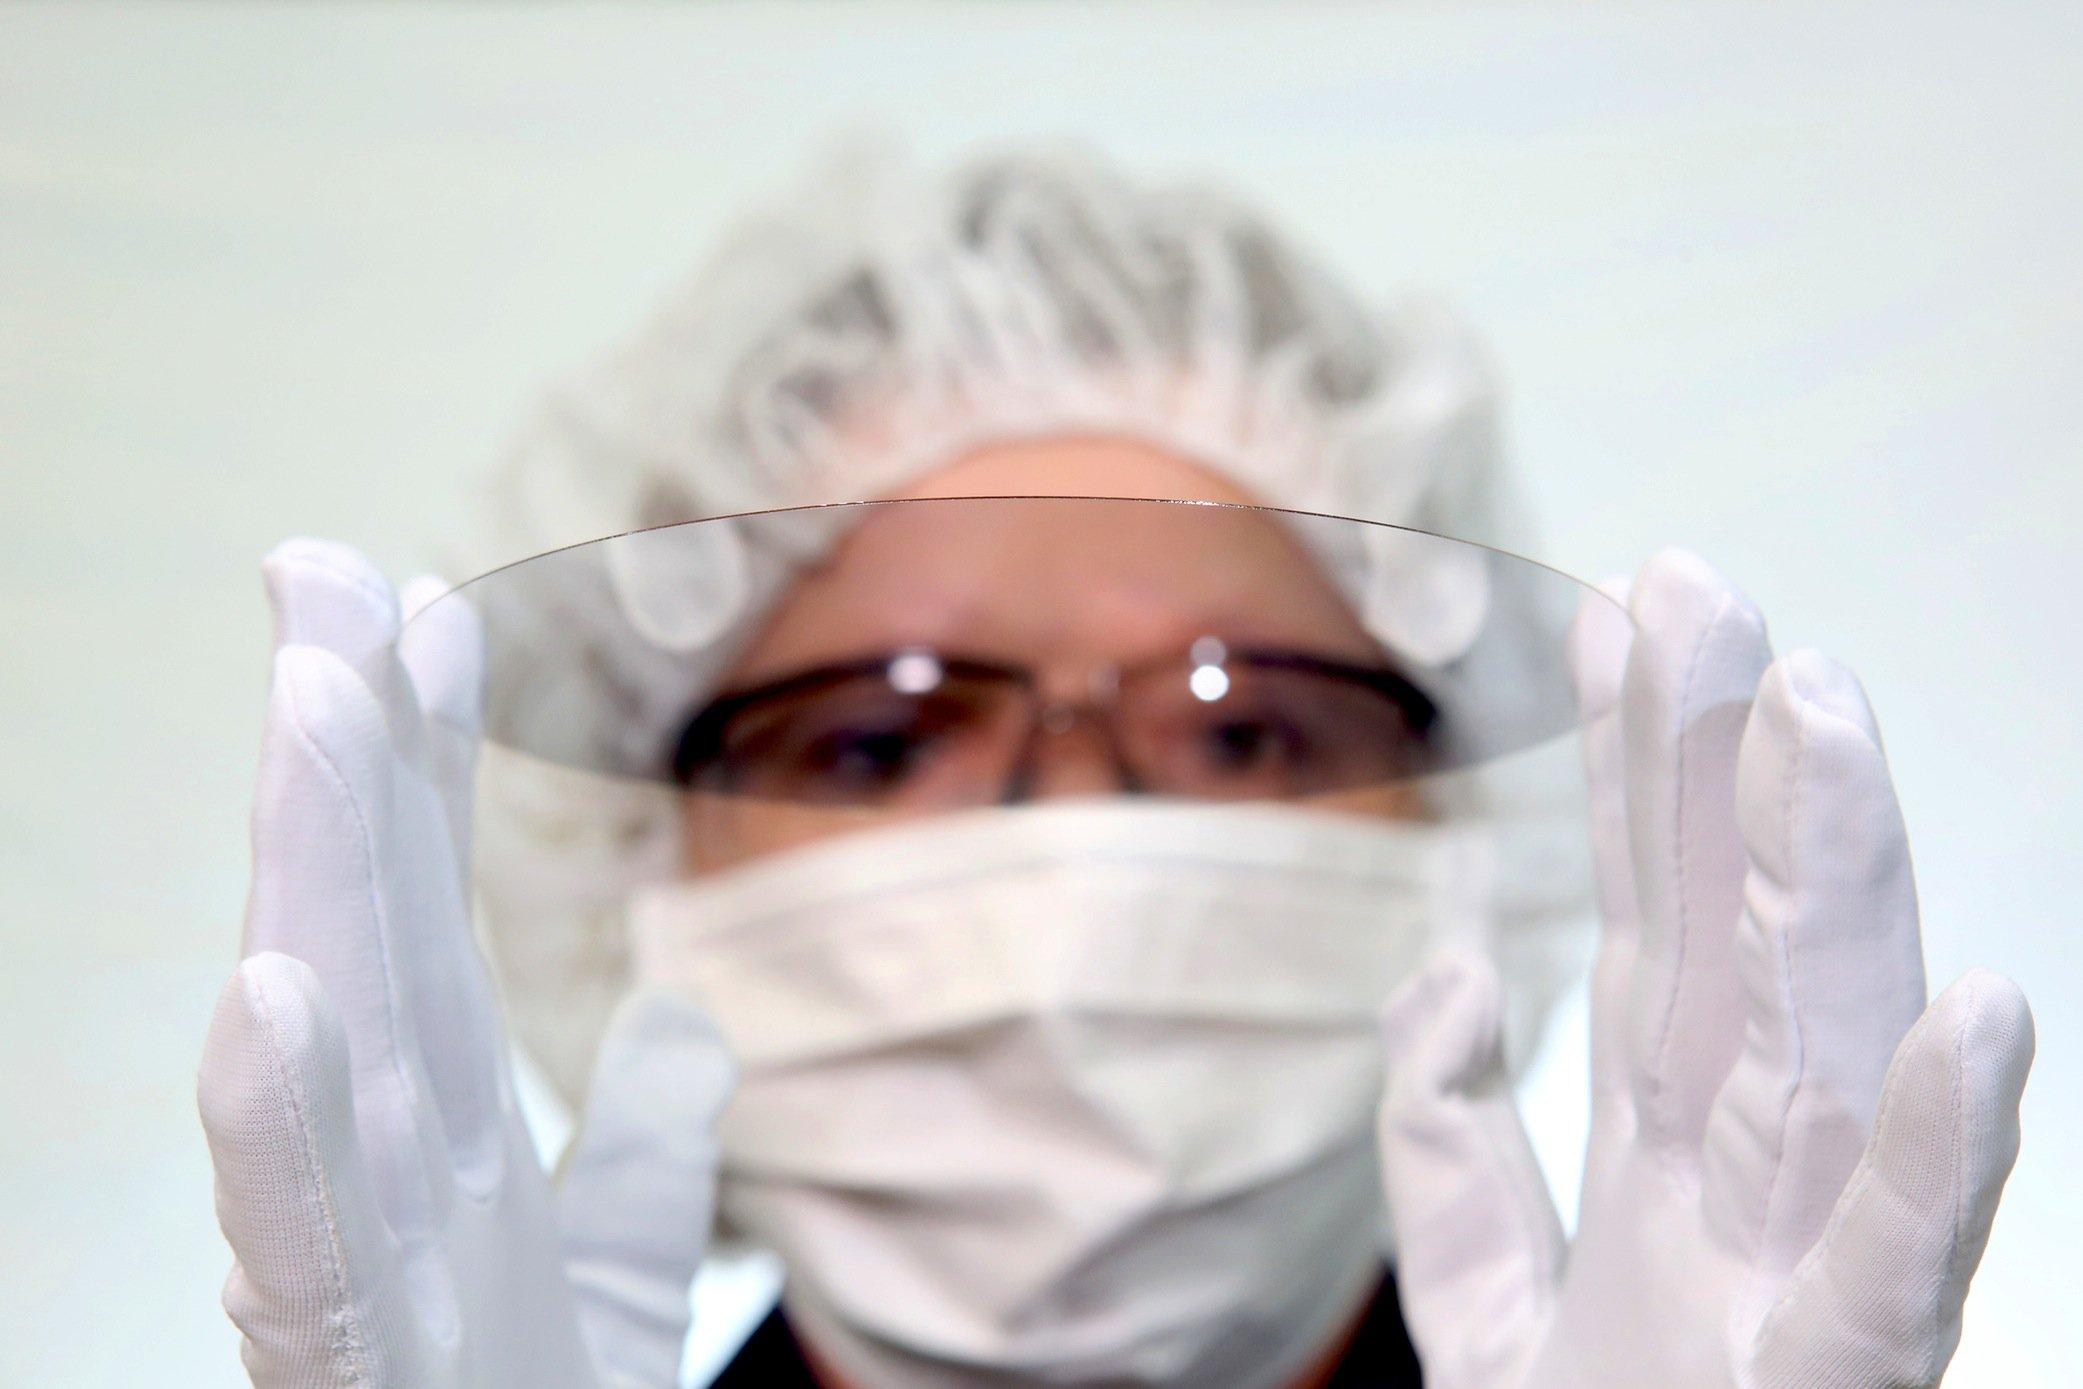 Das ultradünne und biegsame Glas kann auch durch einen Laser durchbohrt werden, um durch die Löcher feinste Verbindungsdrähte zu führen.